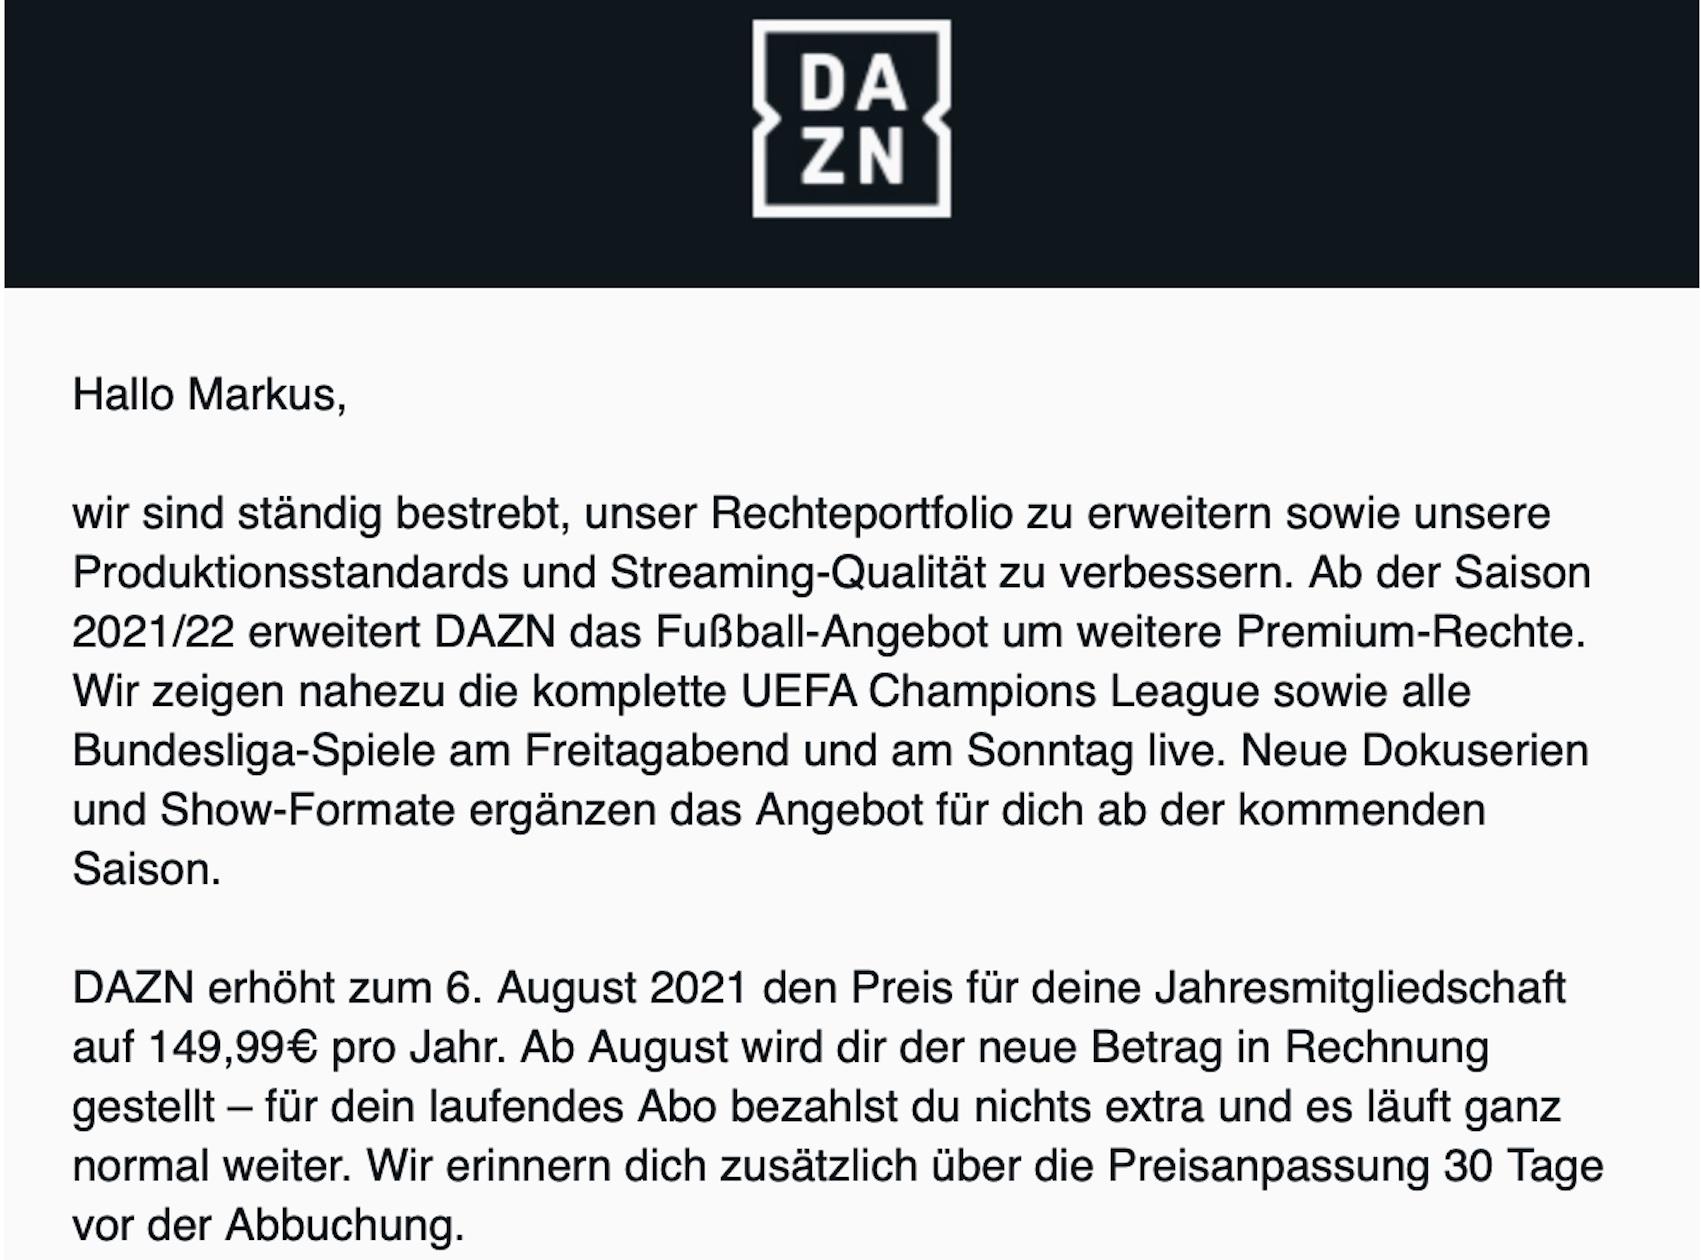 DAZN-Info zur Preiserhöhung (Screenshot: SmartPhoneFan.de)